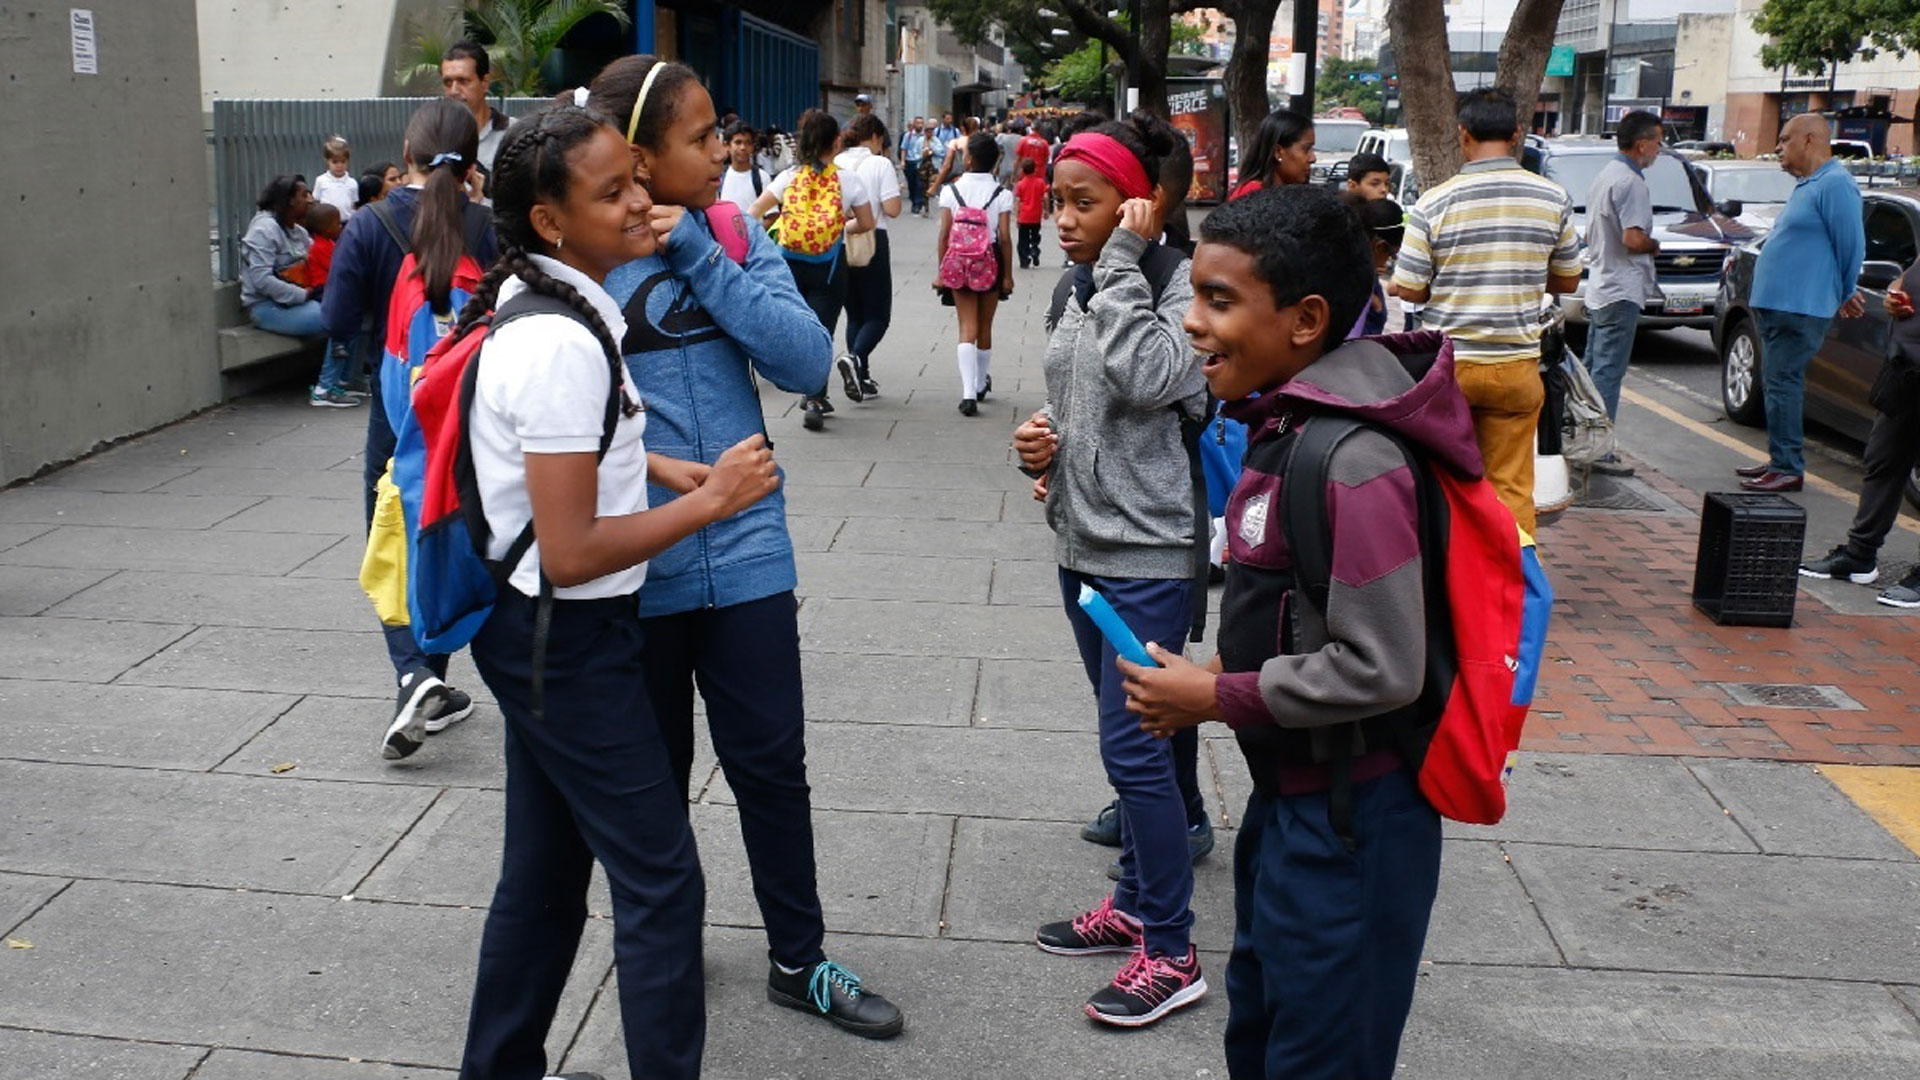 UNICEF indicó que se necesitan $60 millones para matricular a 60 mil niños venezolanos